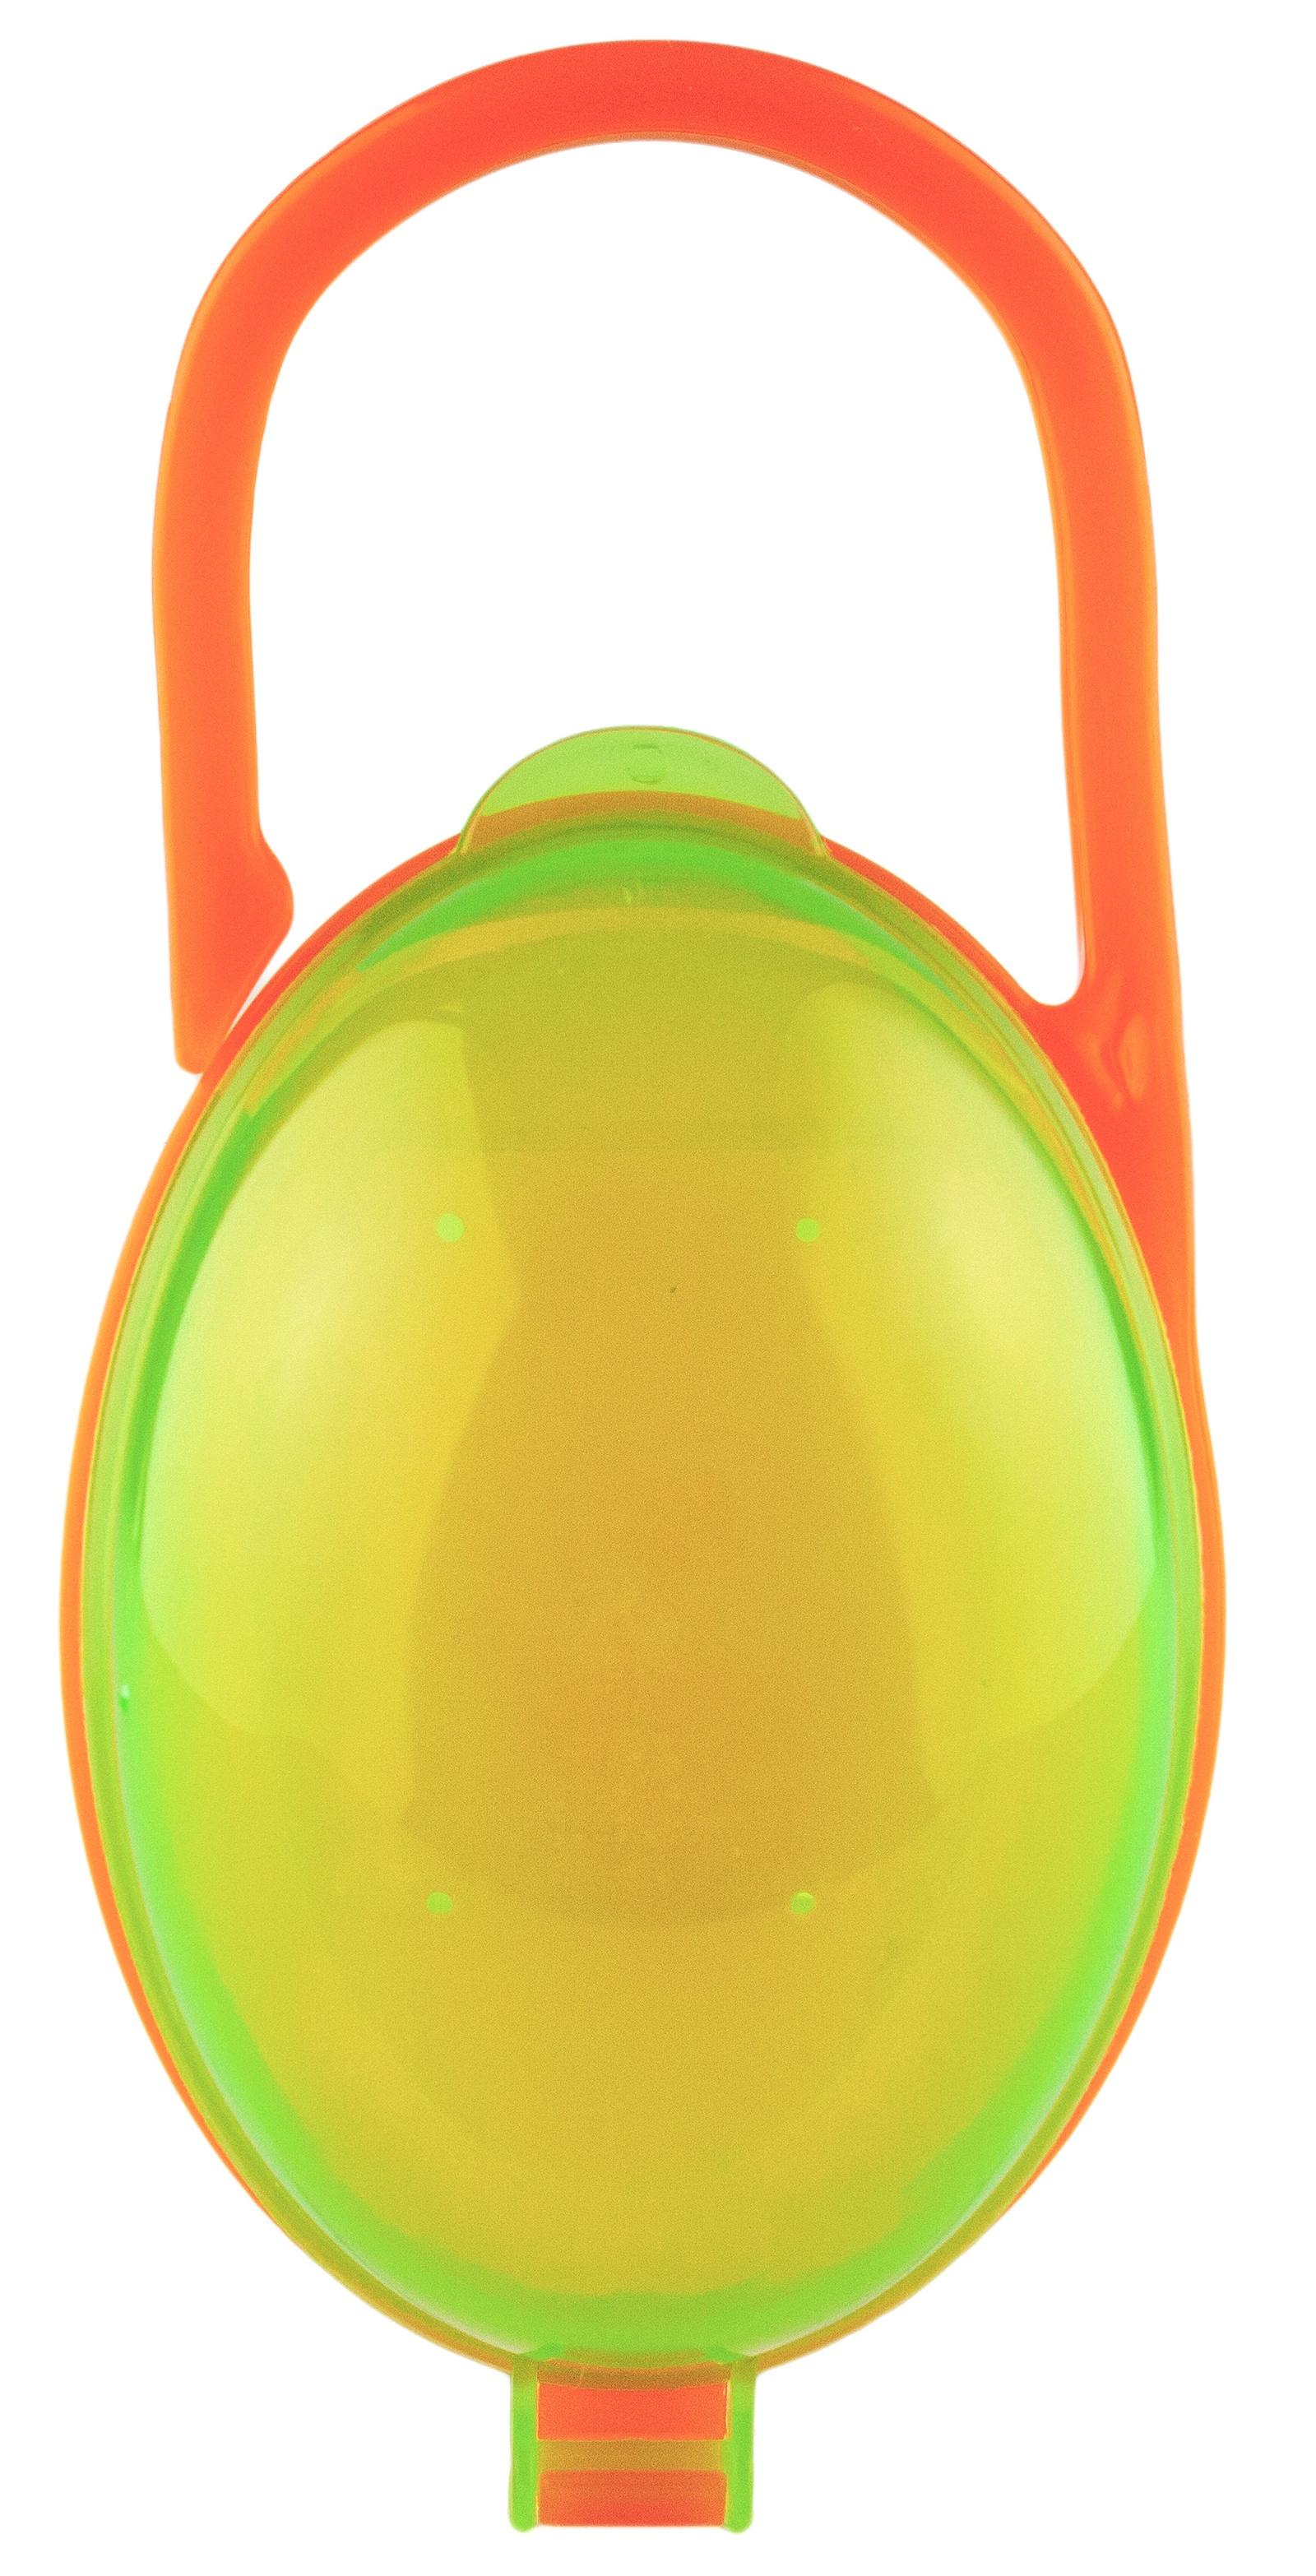 Будь здоров Футляр контейнер для соски пустышки, зеленый/оранжевый бады будь здоров каталог